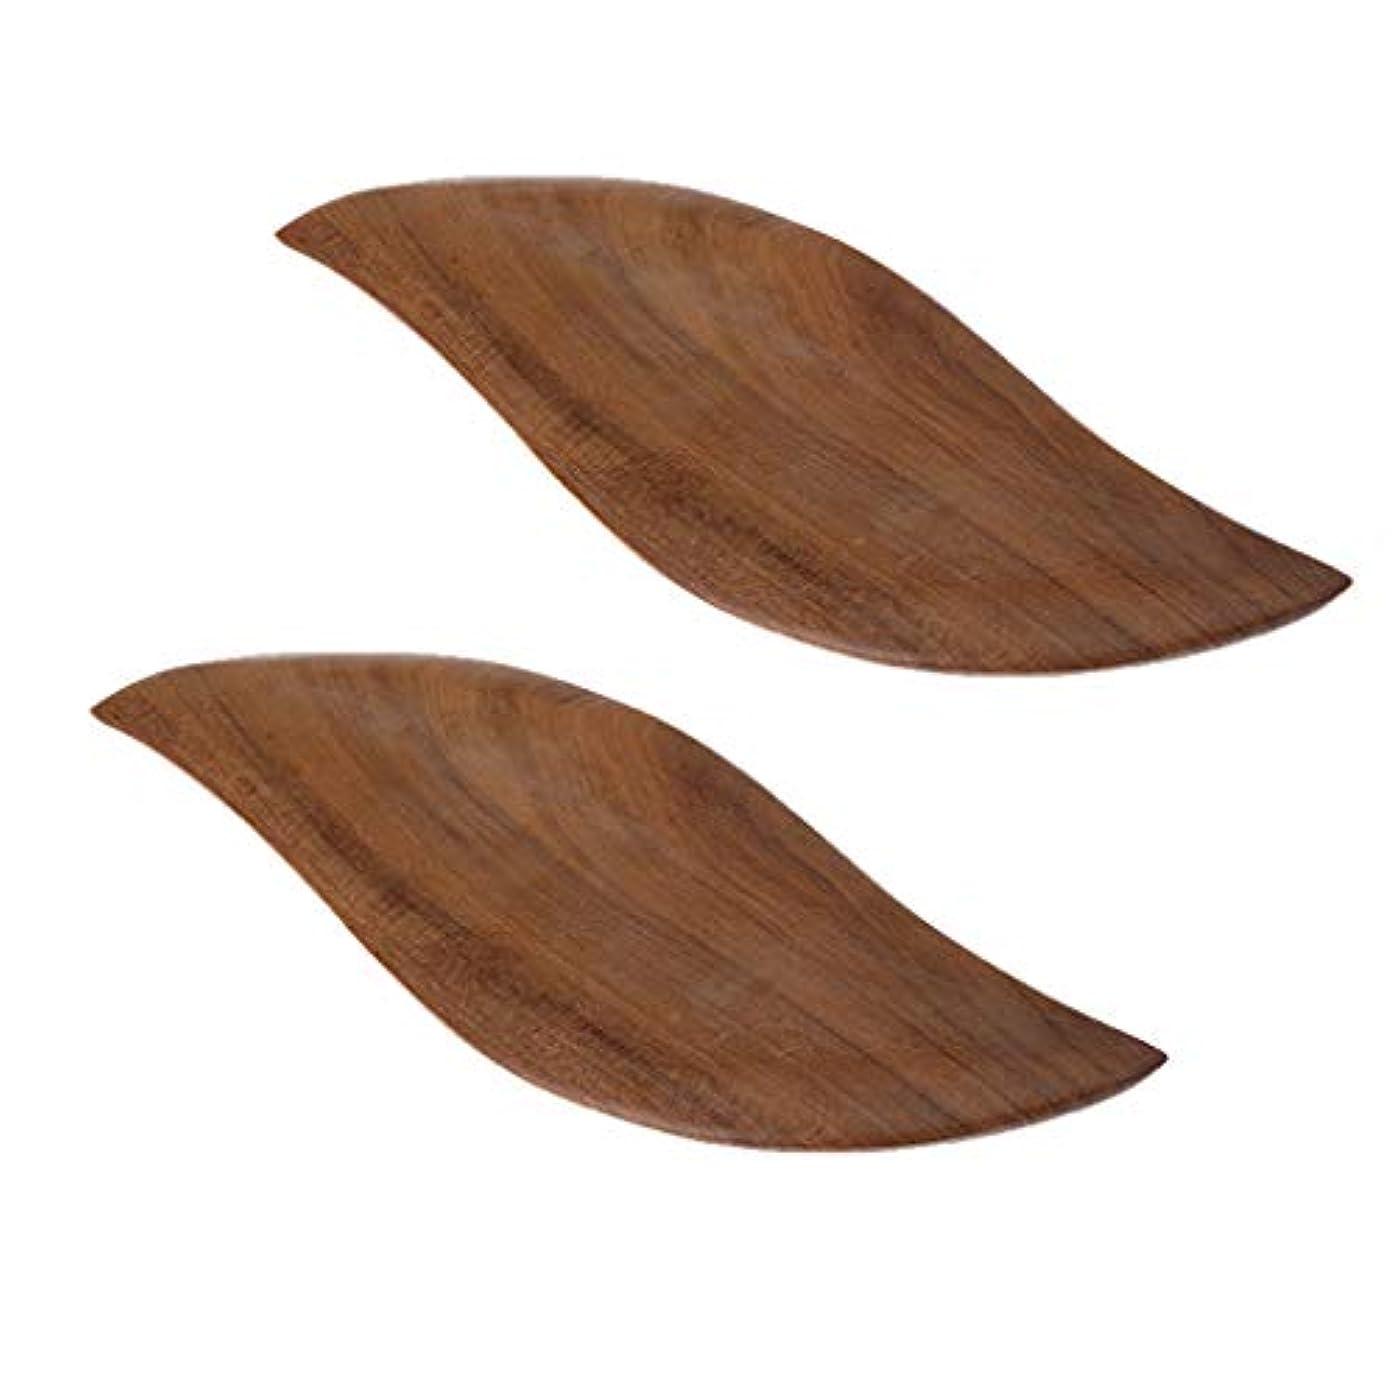 説得カーフ補助Baoblaze 2枚 かっさプレート フェイスケア ボディーケア リラックス ツボ押し 木製